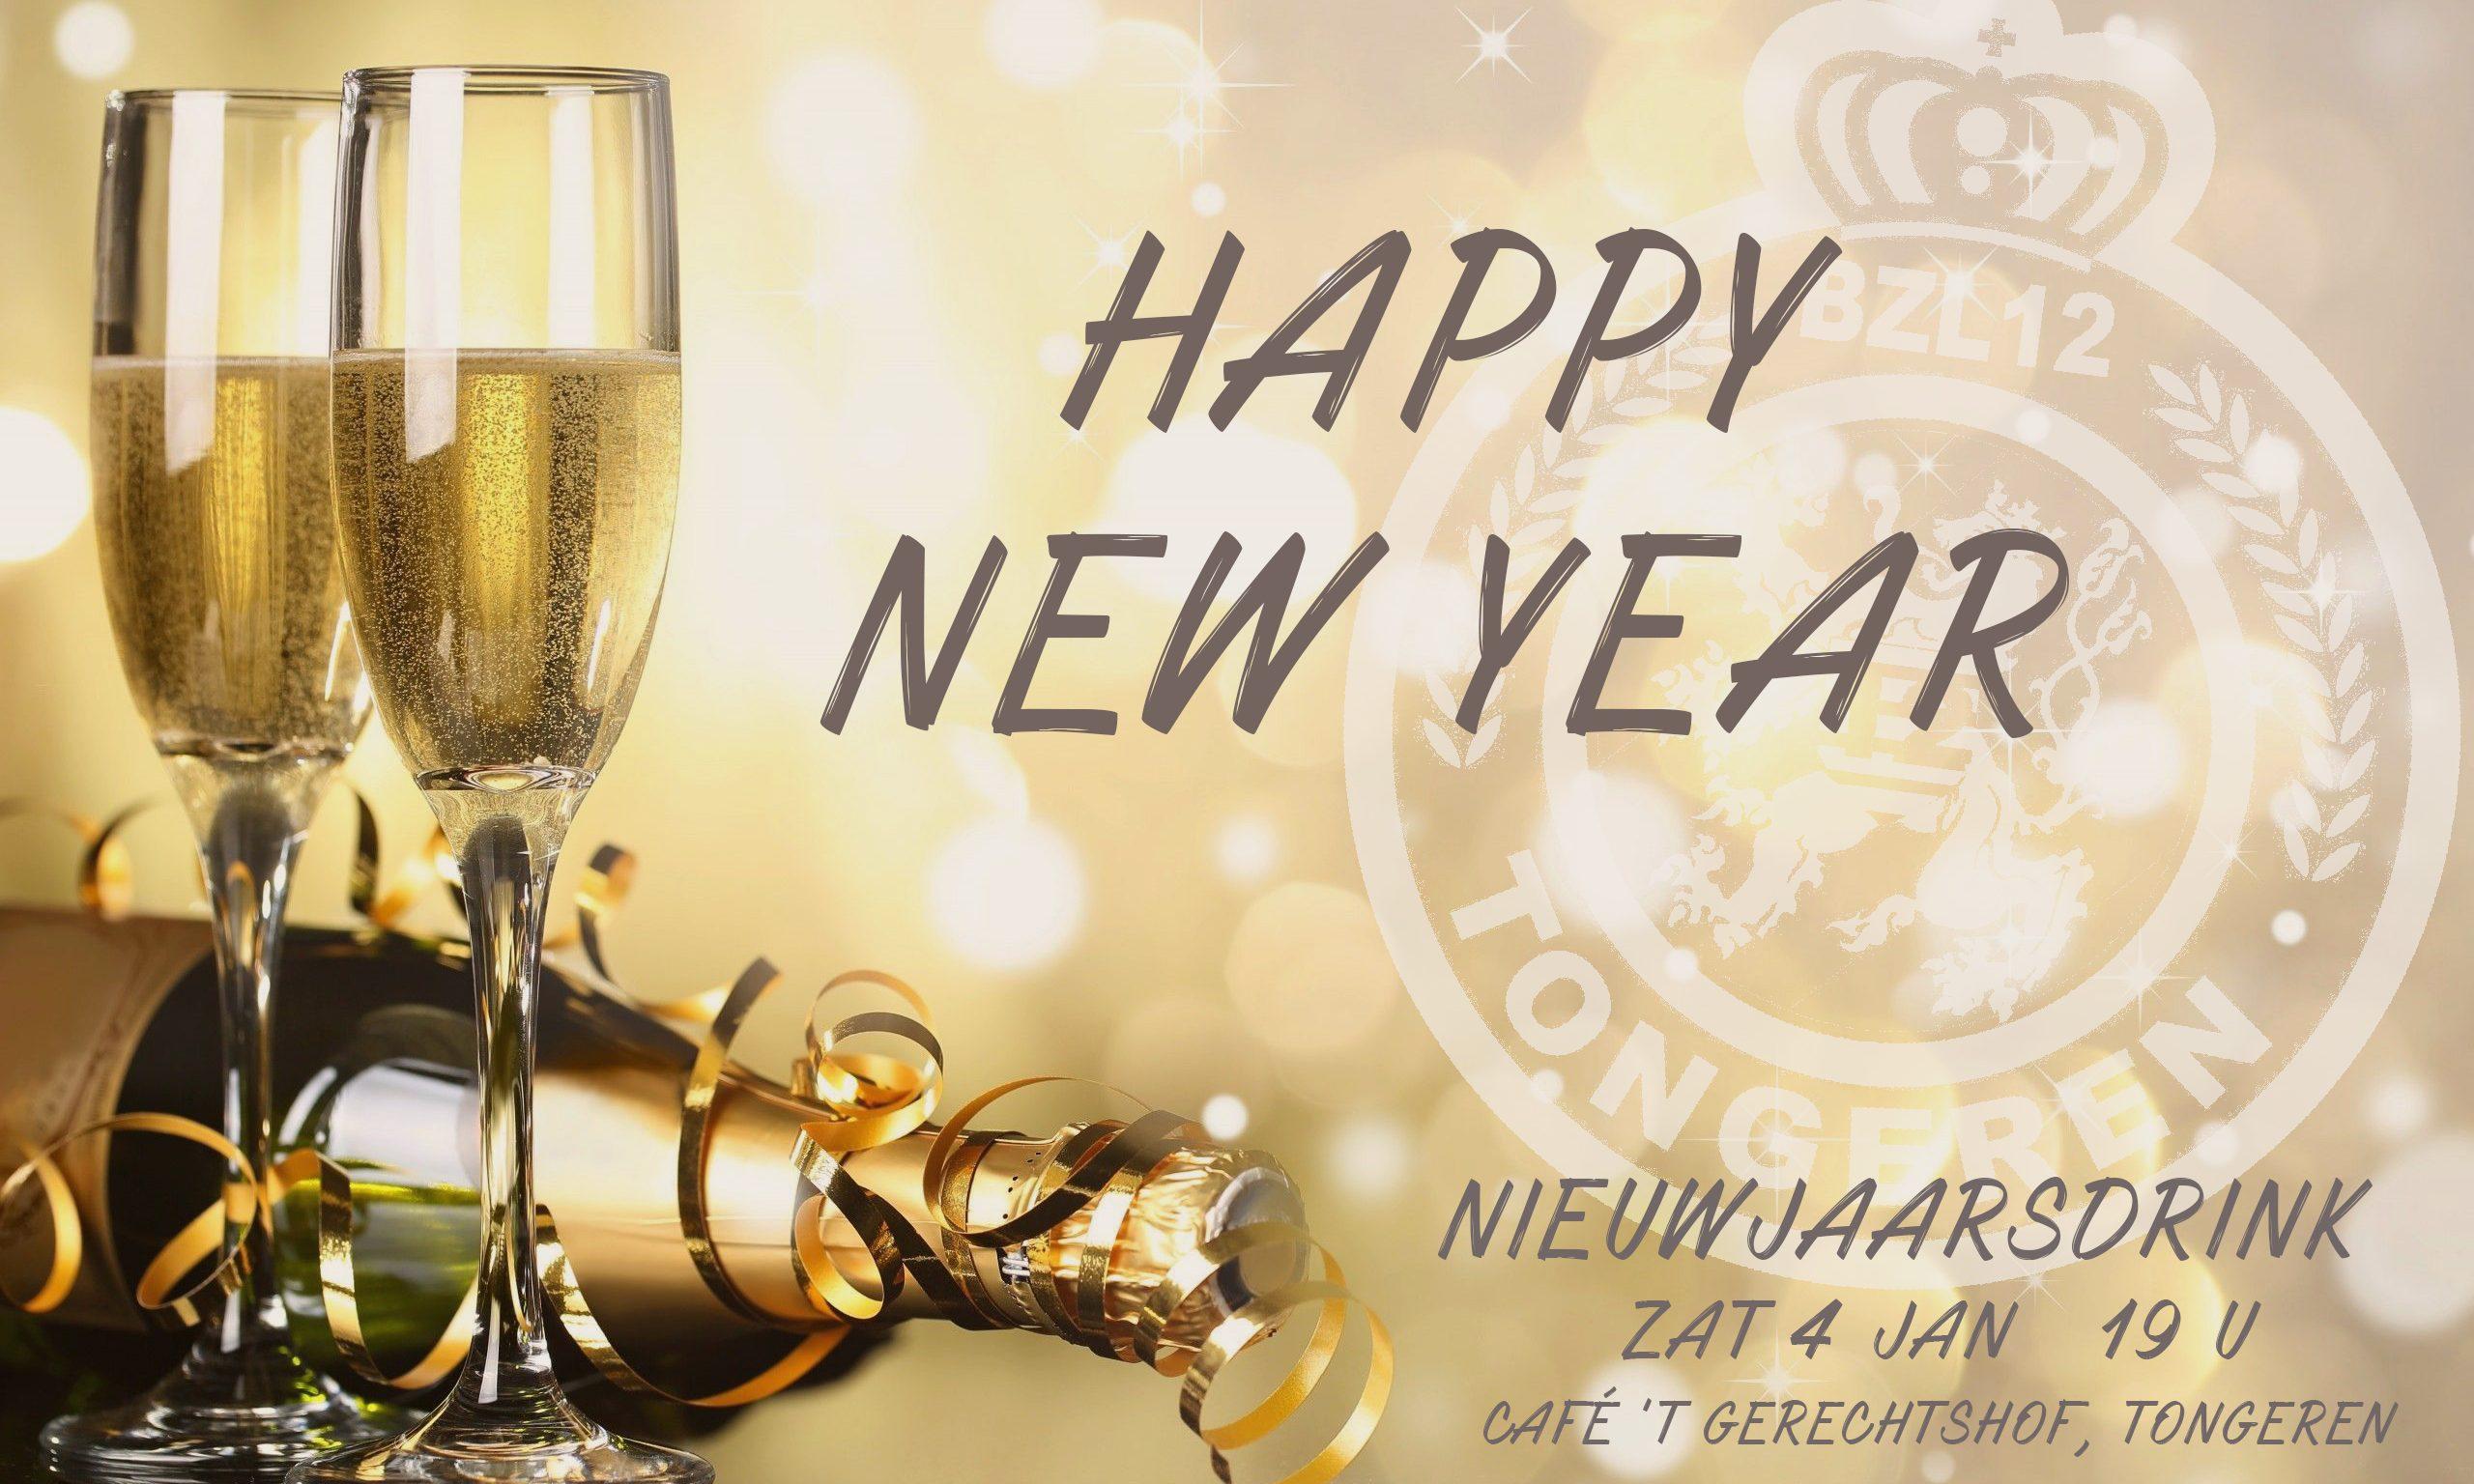 Gelukkig nieuwjaar BZL